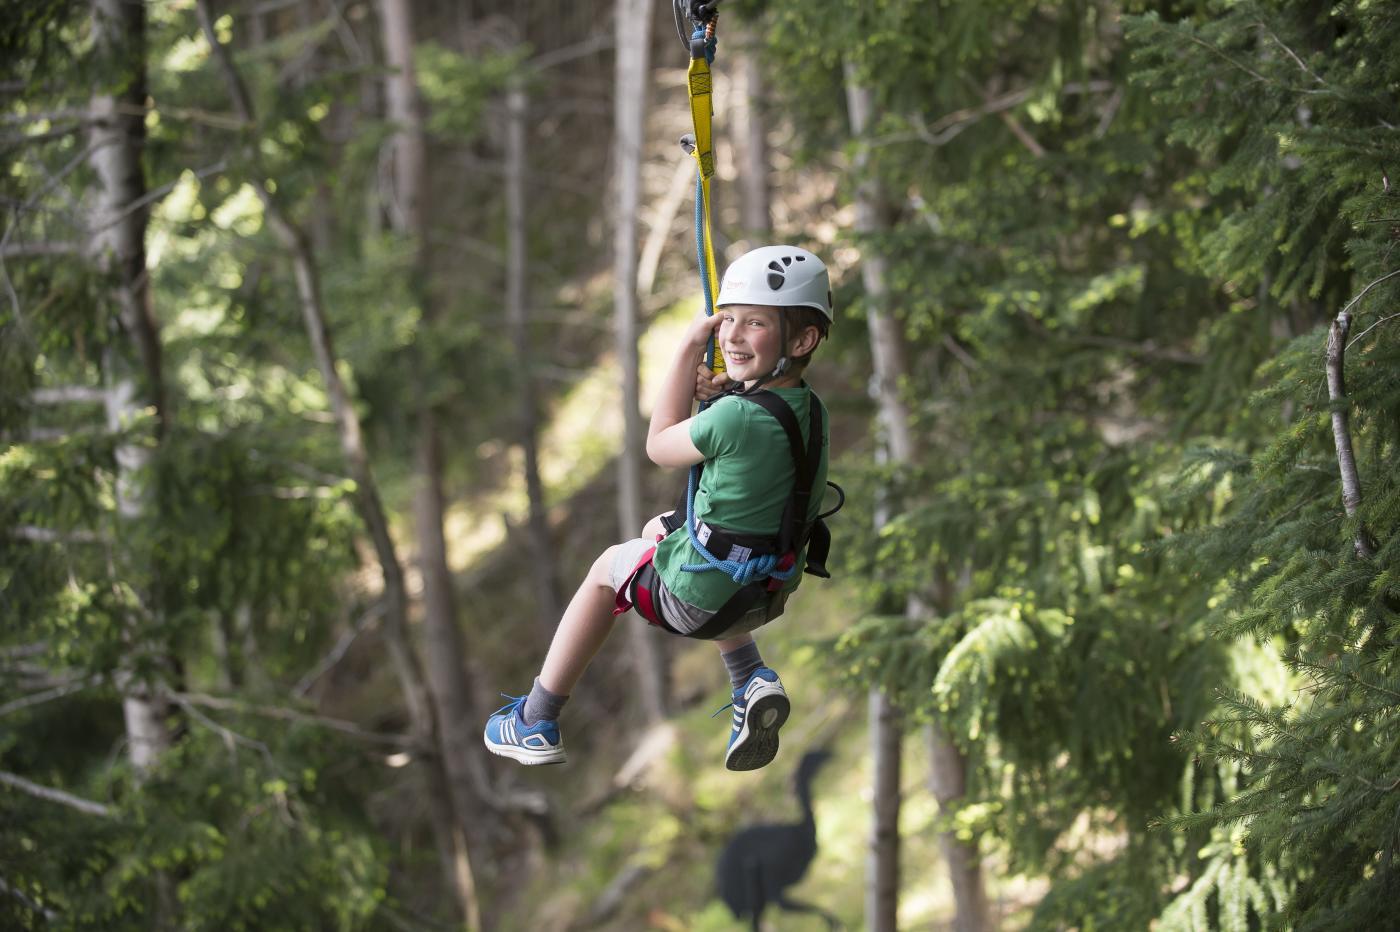 Young boy on ZipTrek Eco Tours Moa tour